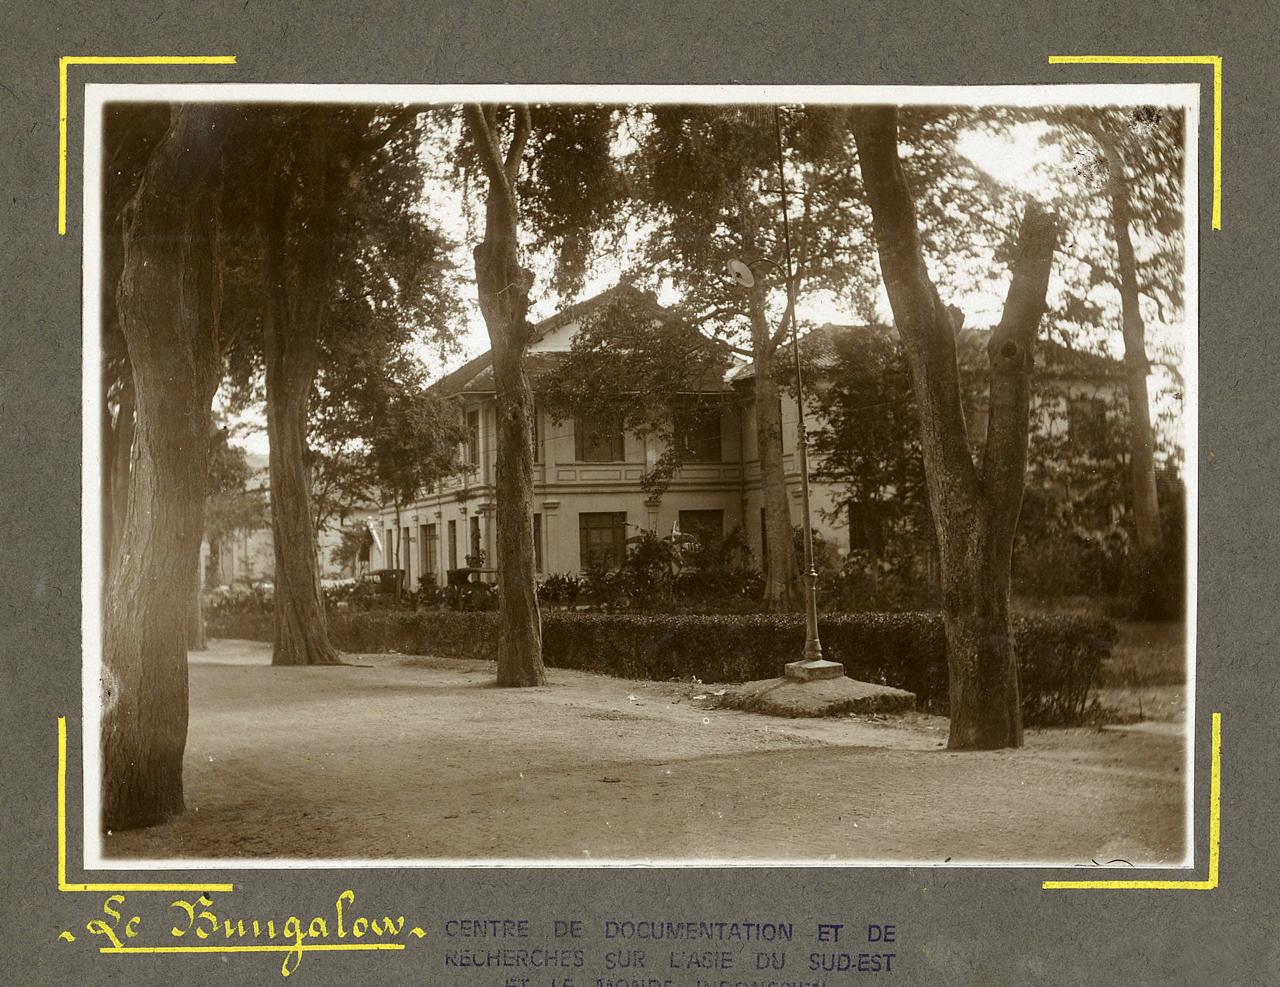 Khuôn viên Bungalow ở Châu Đốc xưa